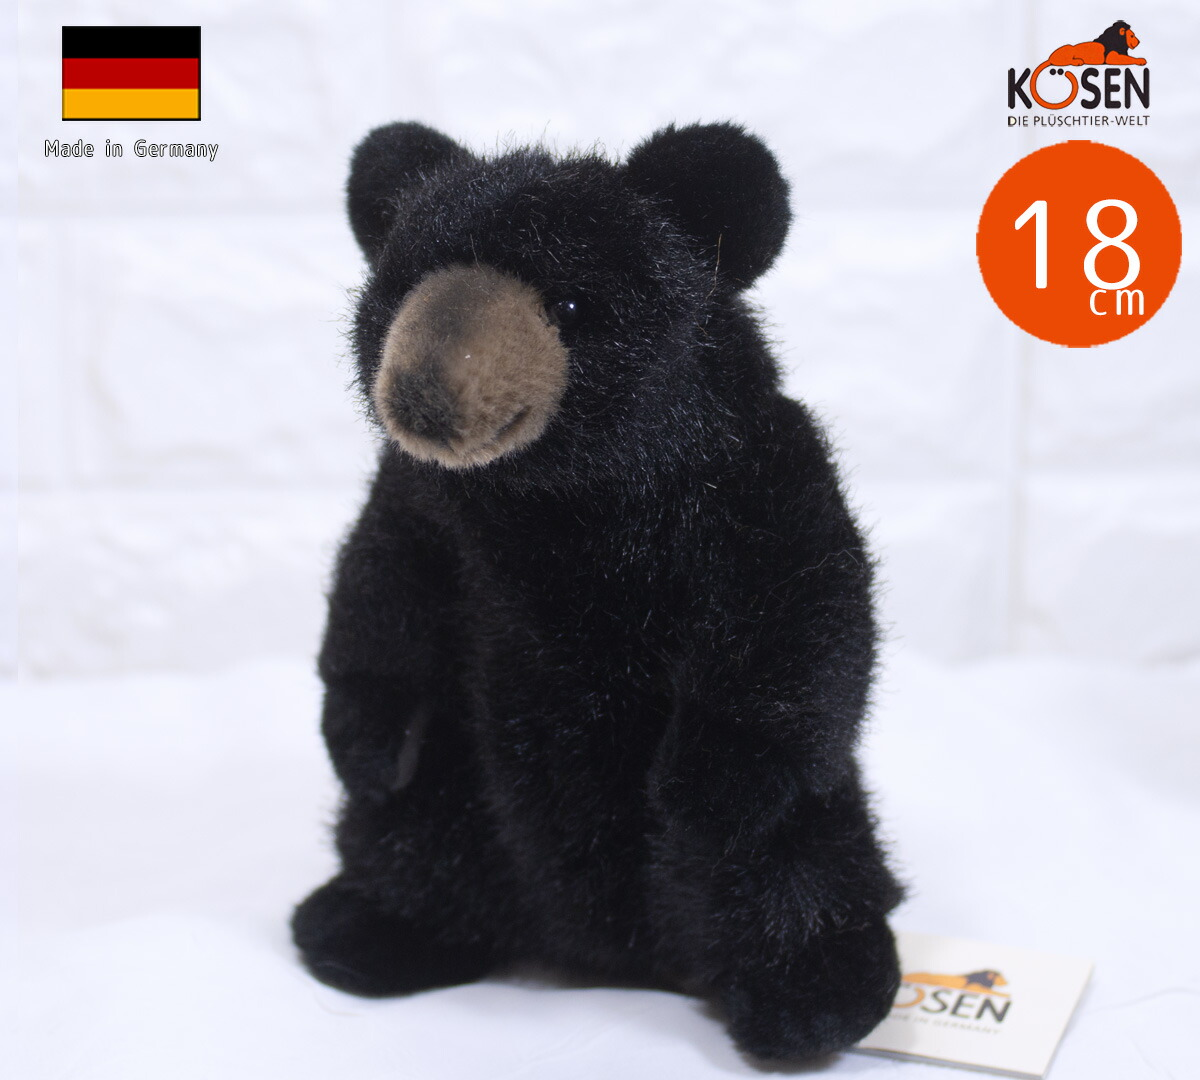 ケーセン ぬいぐるみ kosen お座りベア 黒 18cm Black Bear Mini クマ くま テディベア リアル 動物